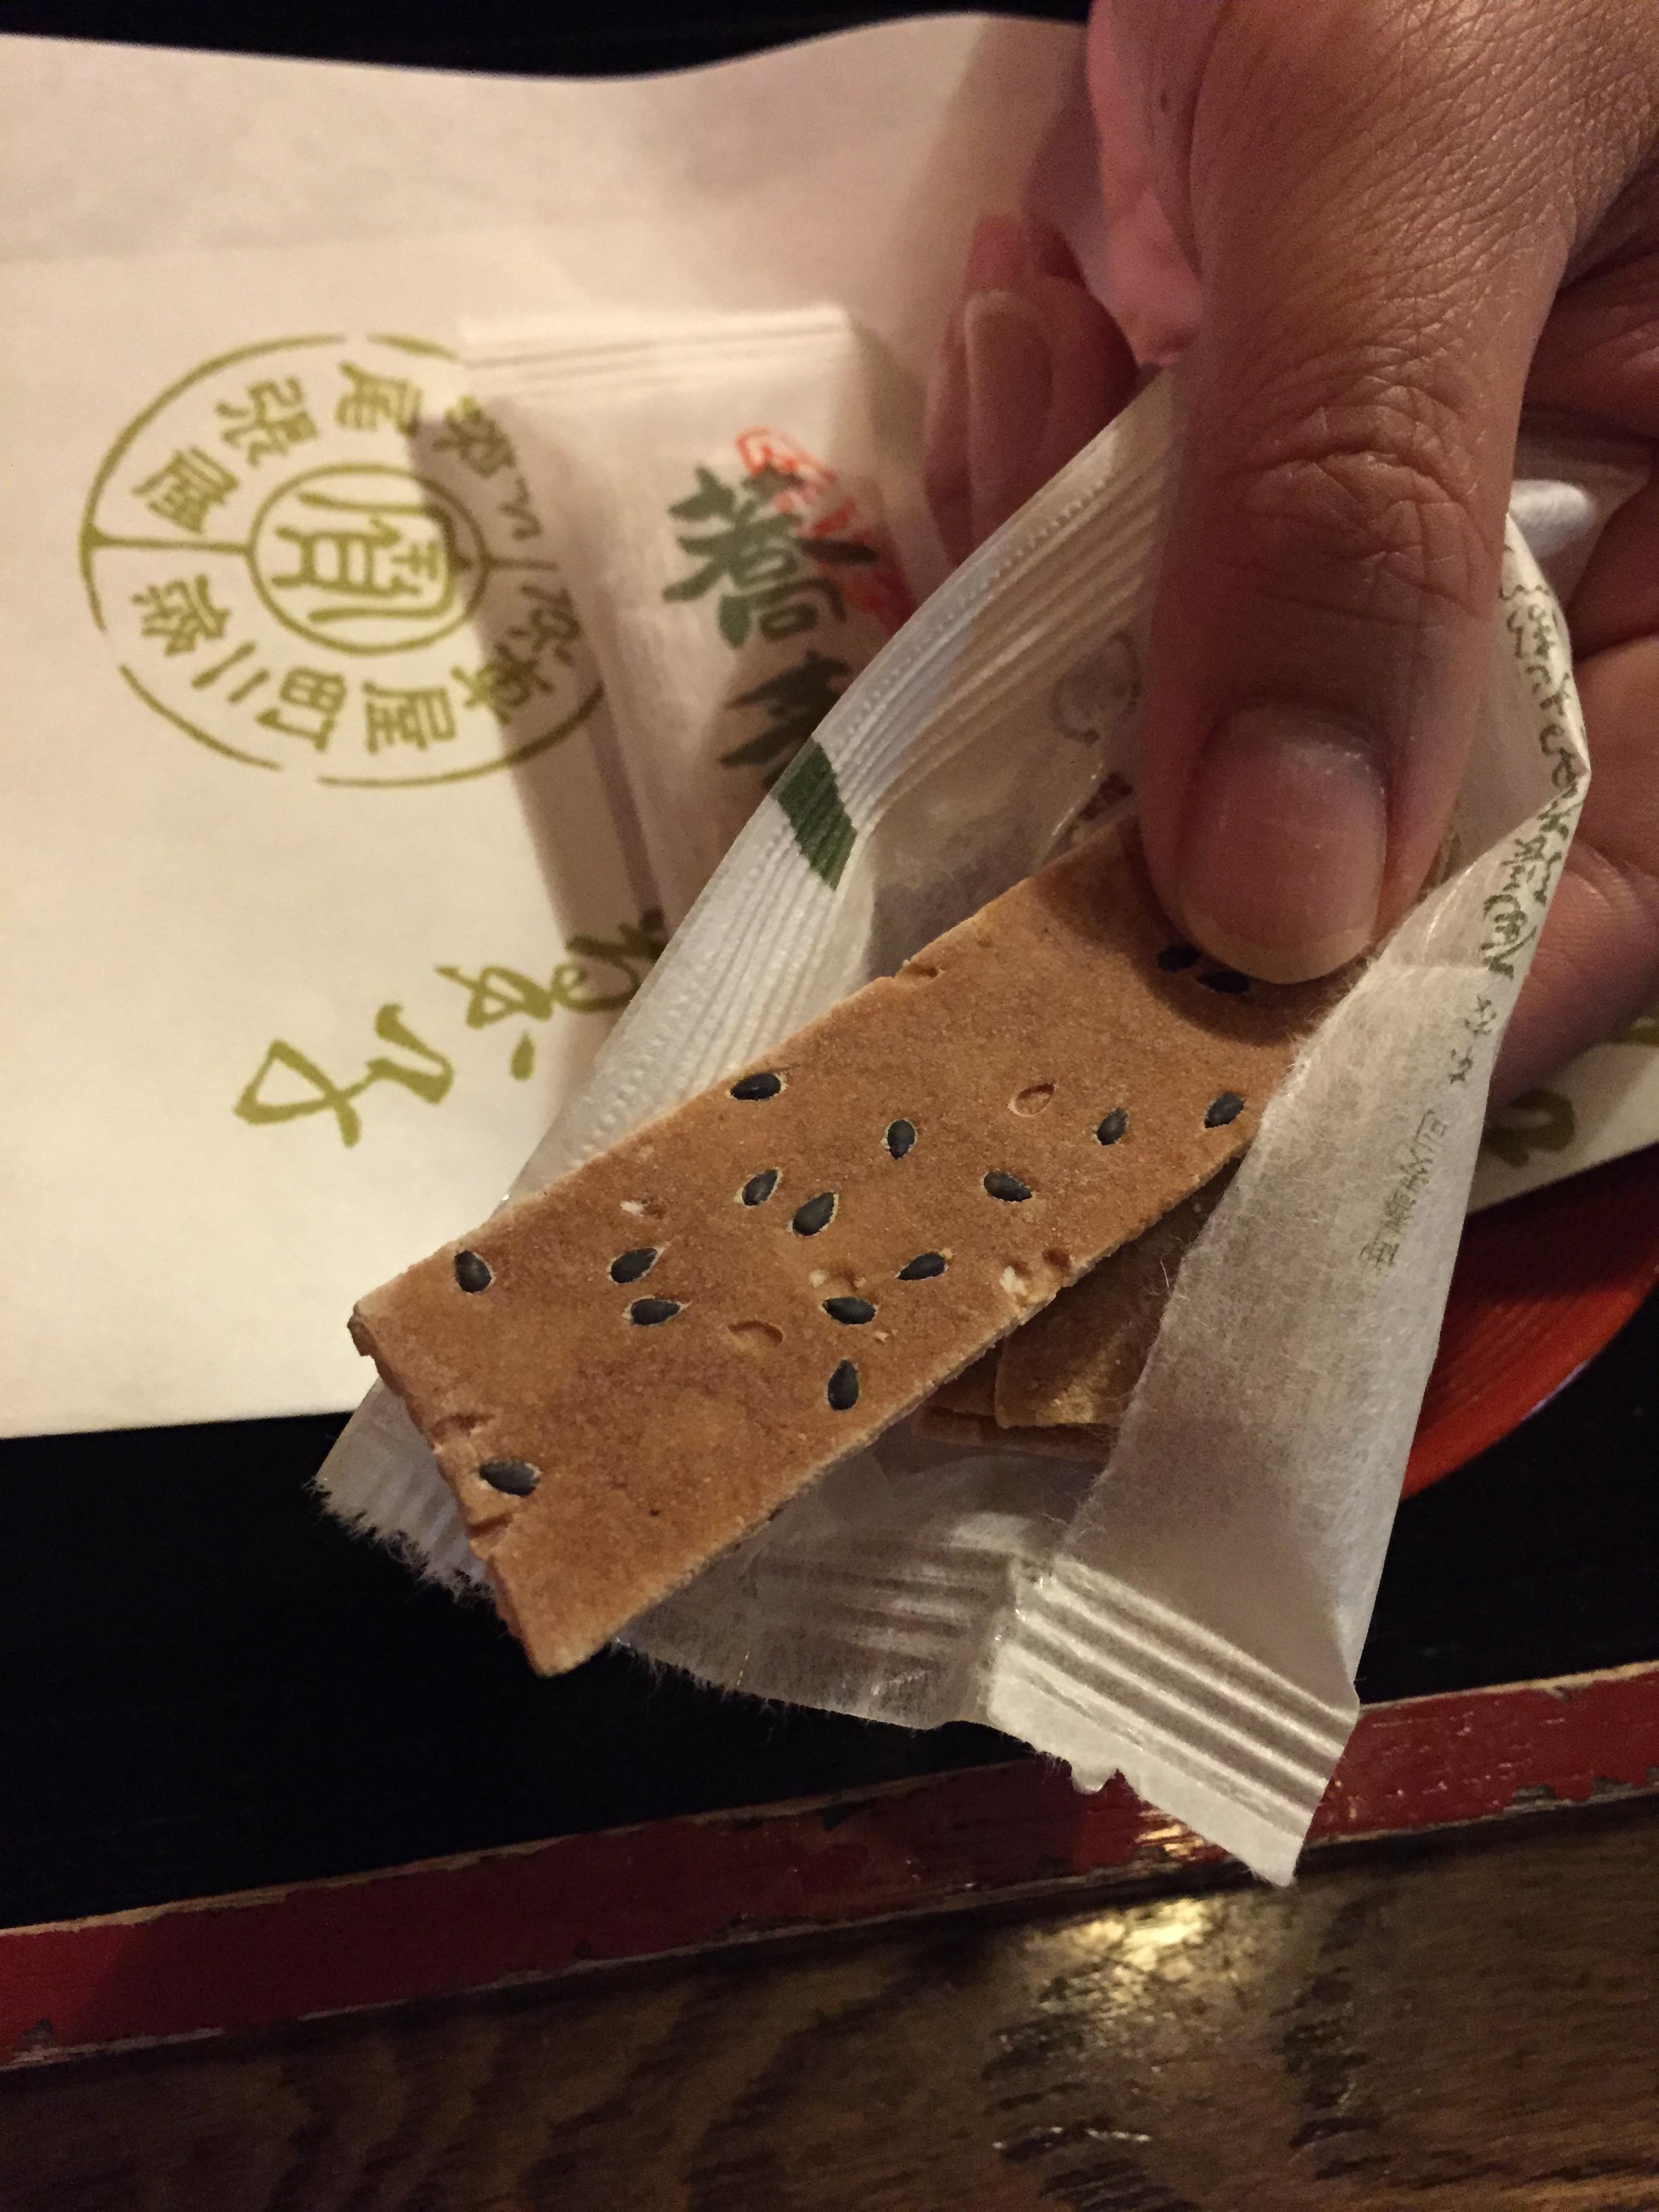 buckwheat snack, Japanese confectionary, Owariya sweets